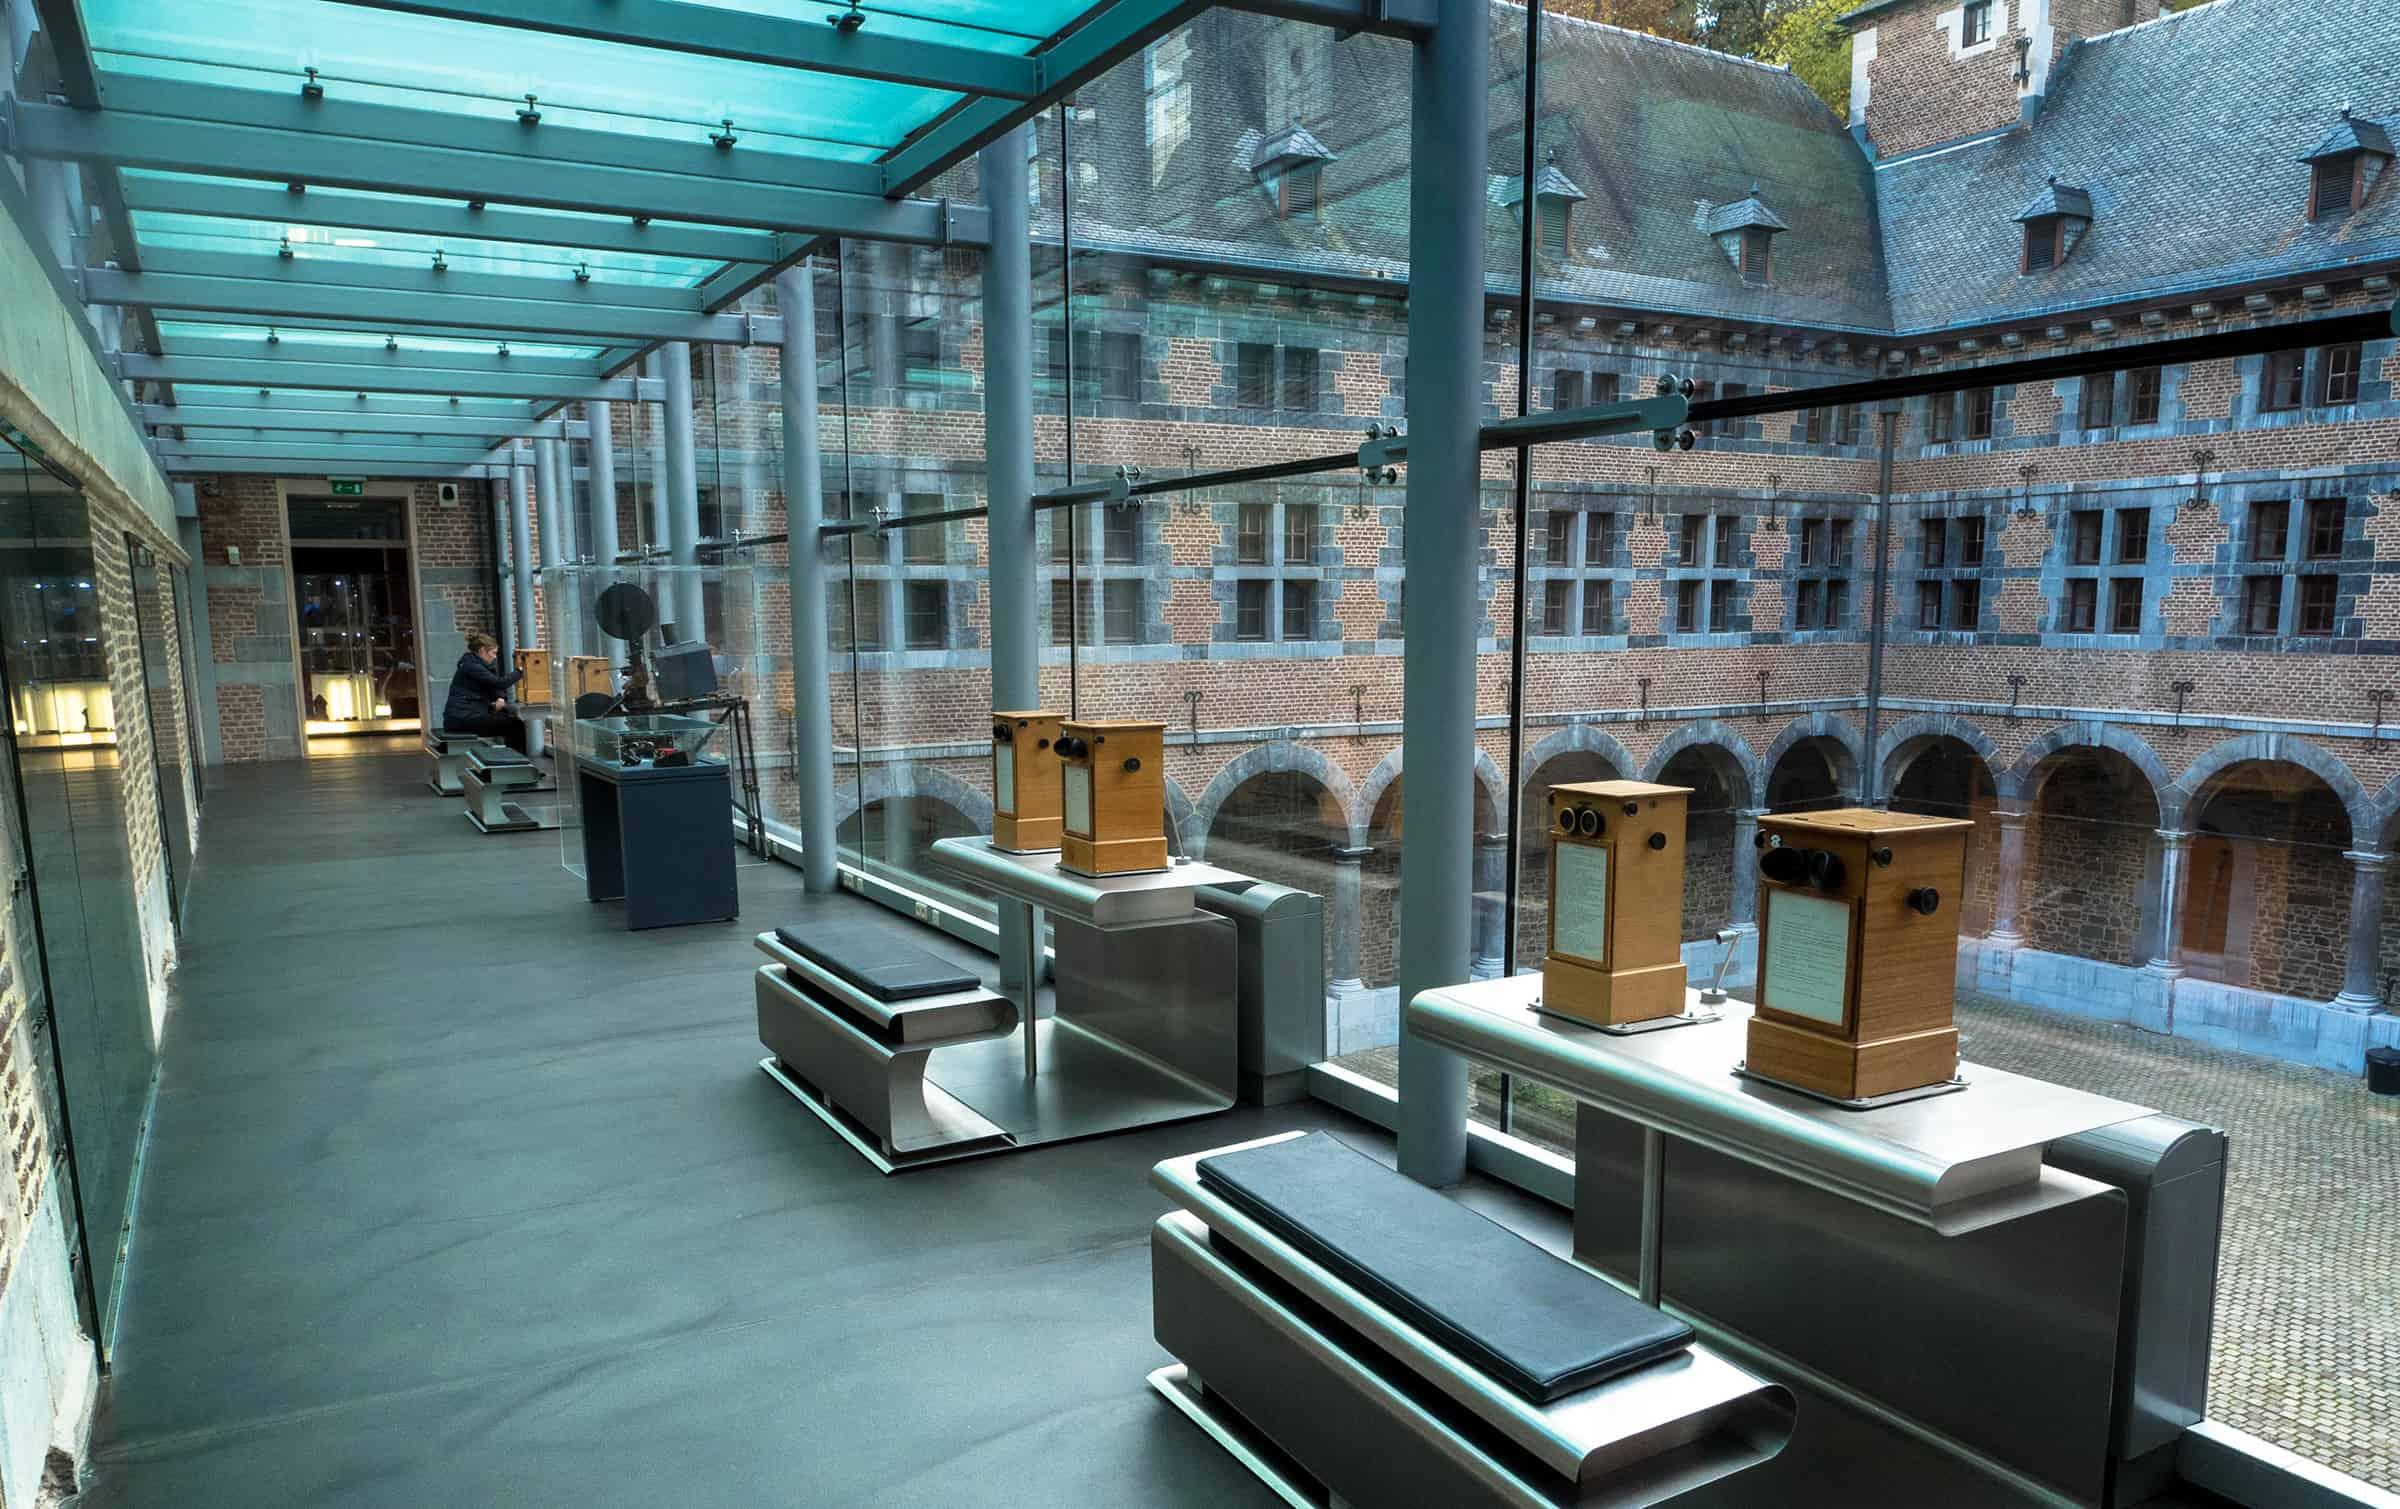 Musee de la Vie Wallonie 3